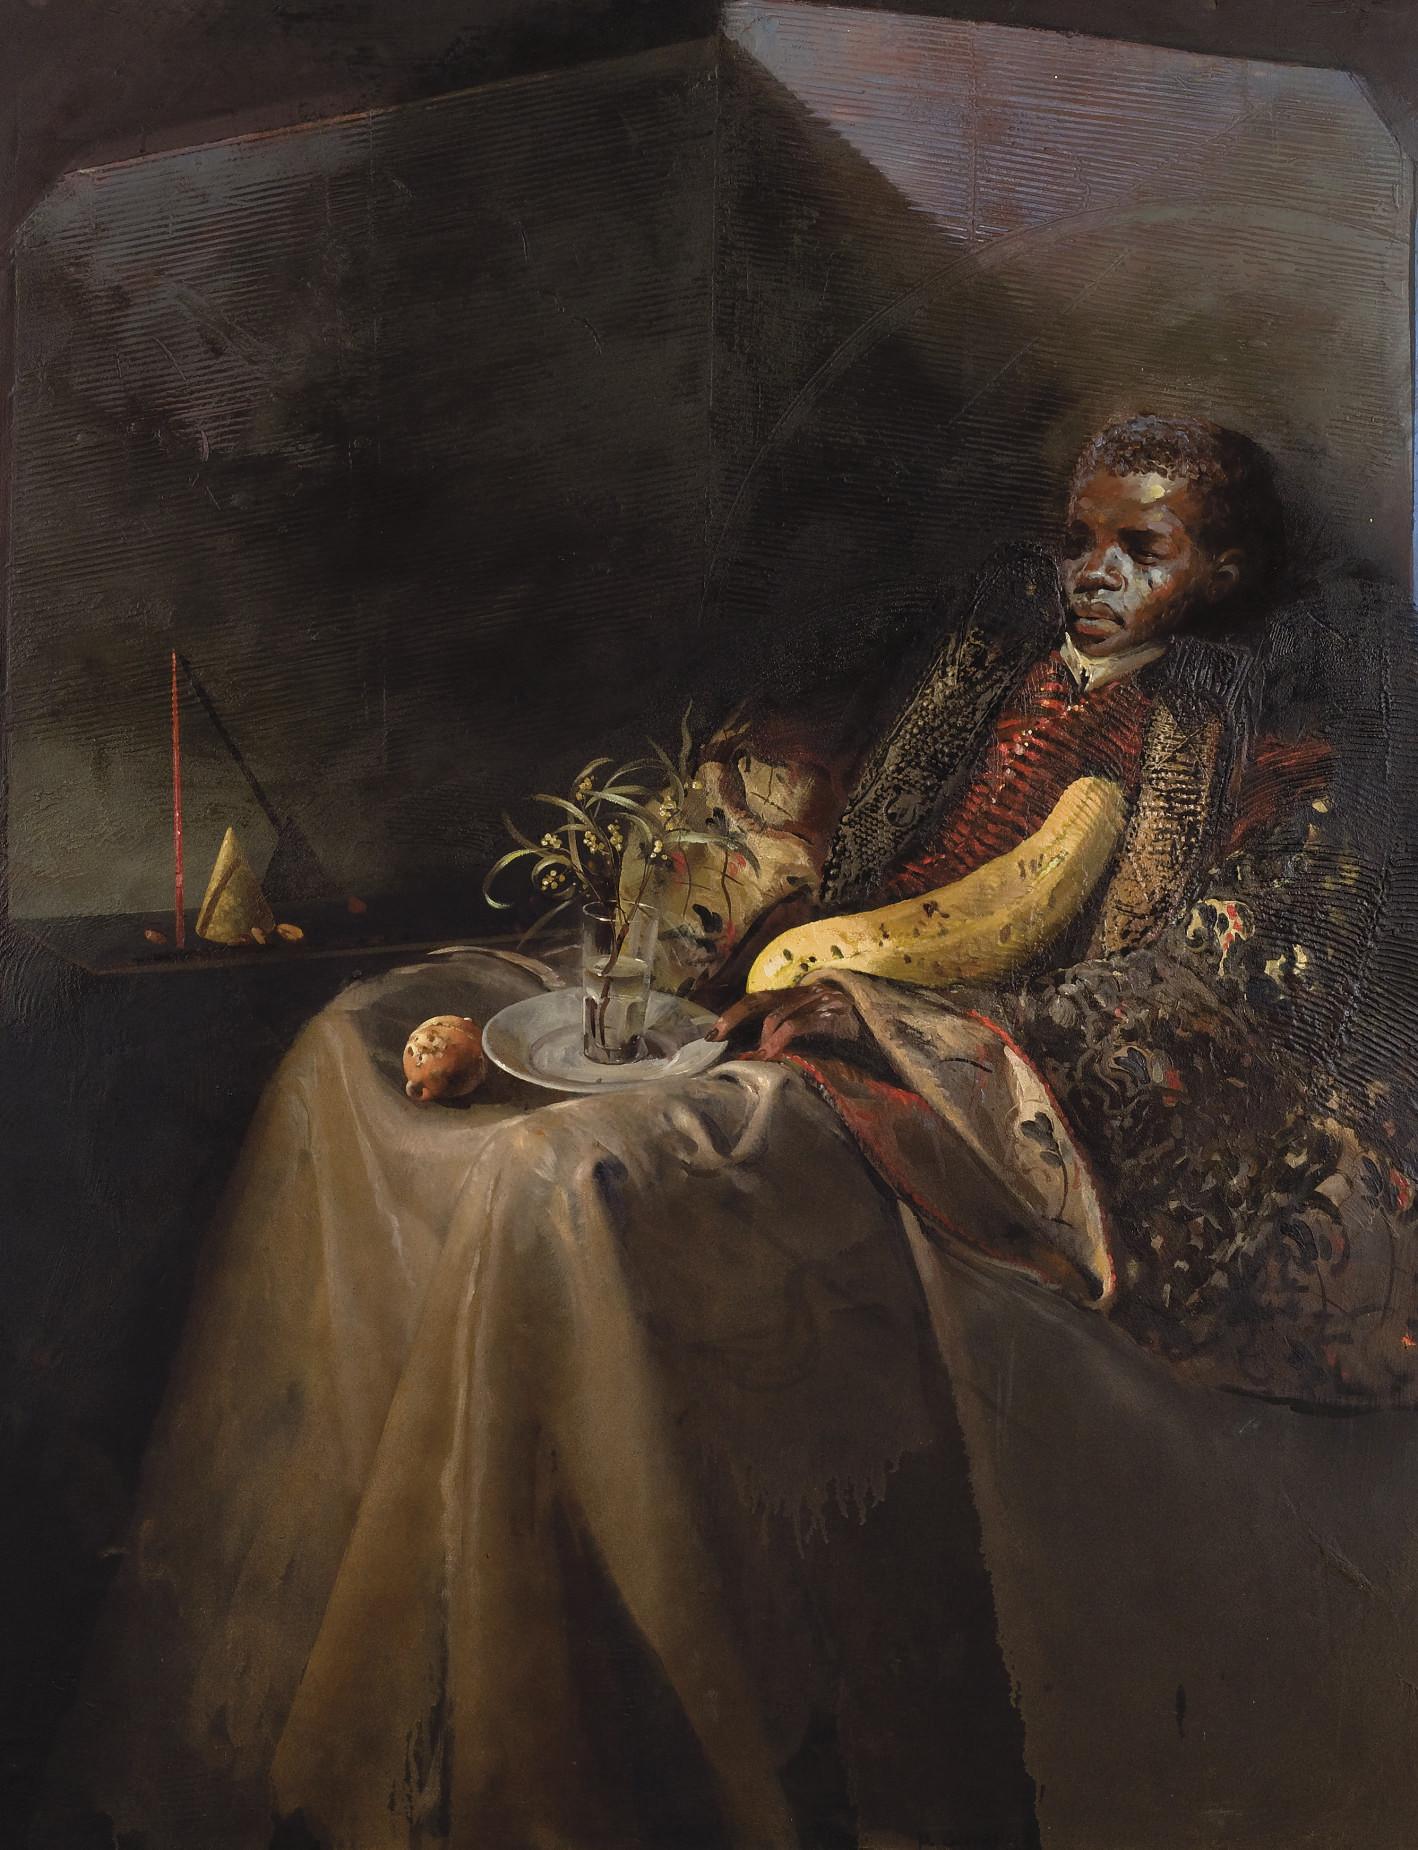 PHILIPPE GAREL (NE EN 1945)